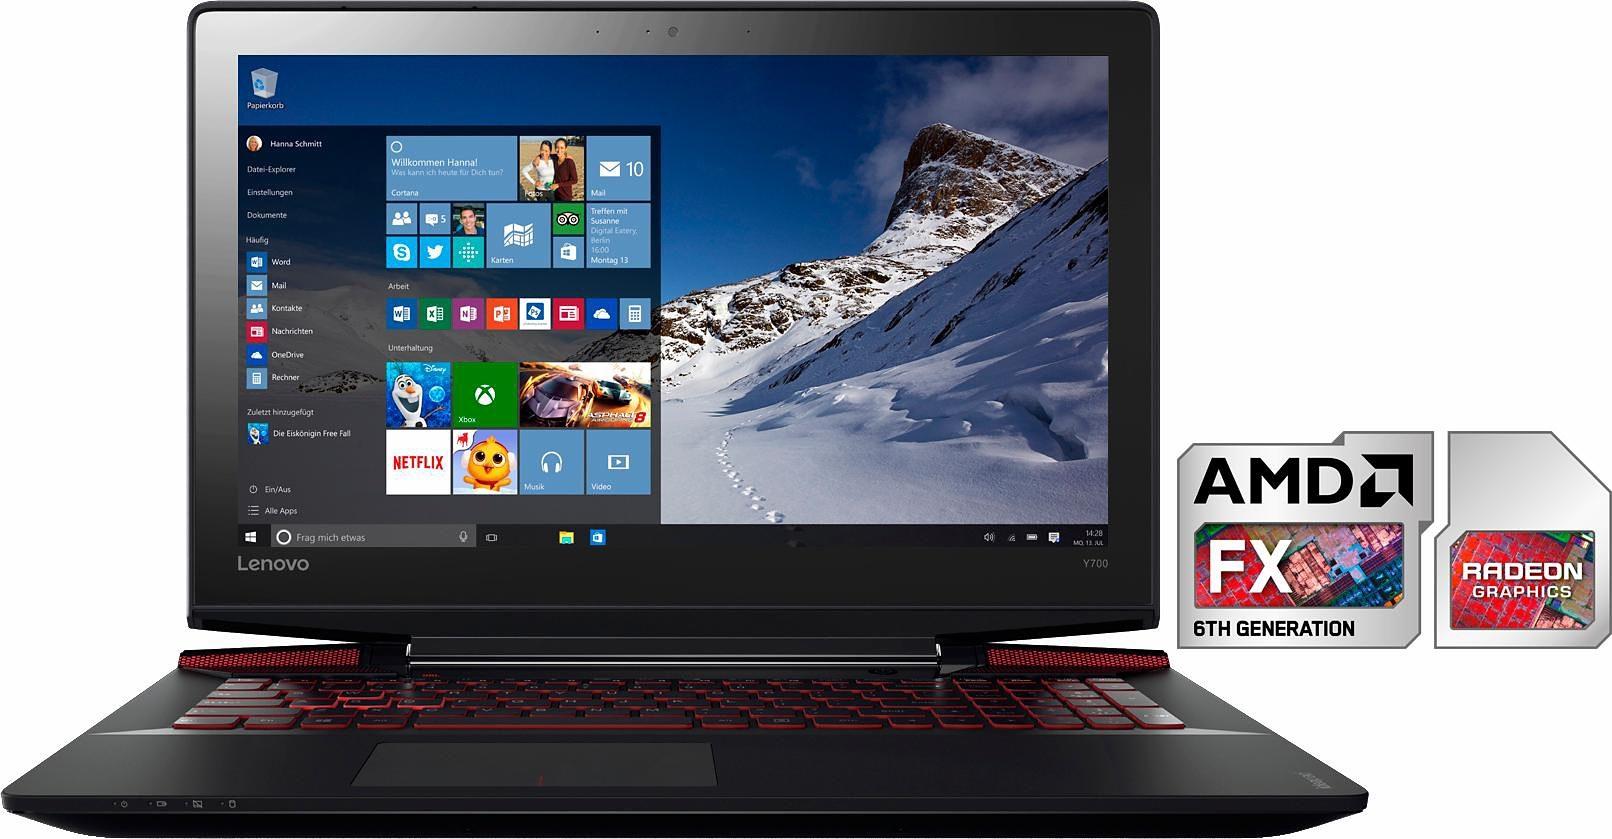 Lenovo Ideapad Y700-15ACZ Notebook, AMD, 39,6 cm (15,6 Zoll), 1000 GB Speicher, 8192 MB DDR3-RAM